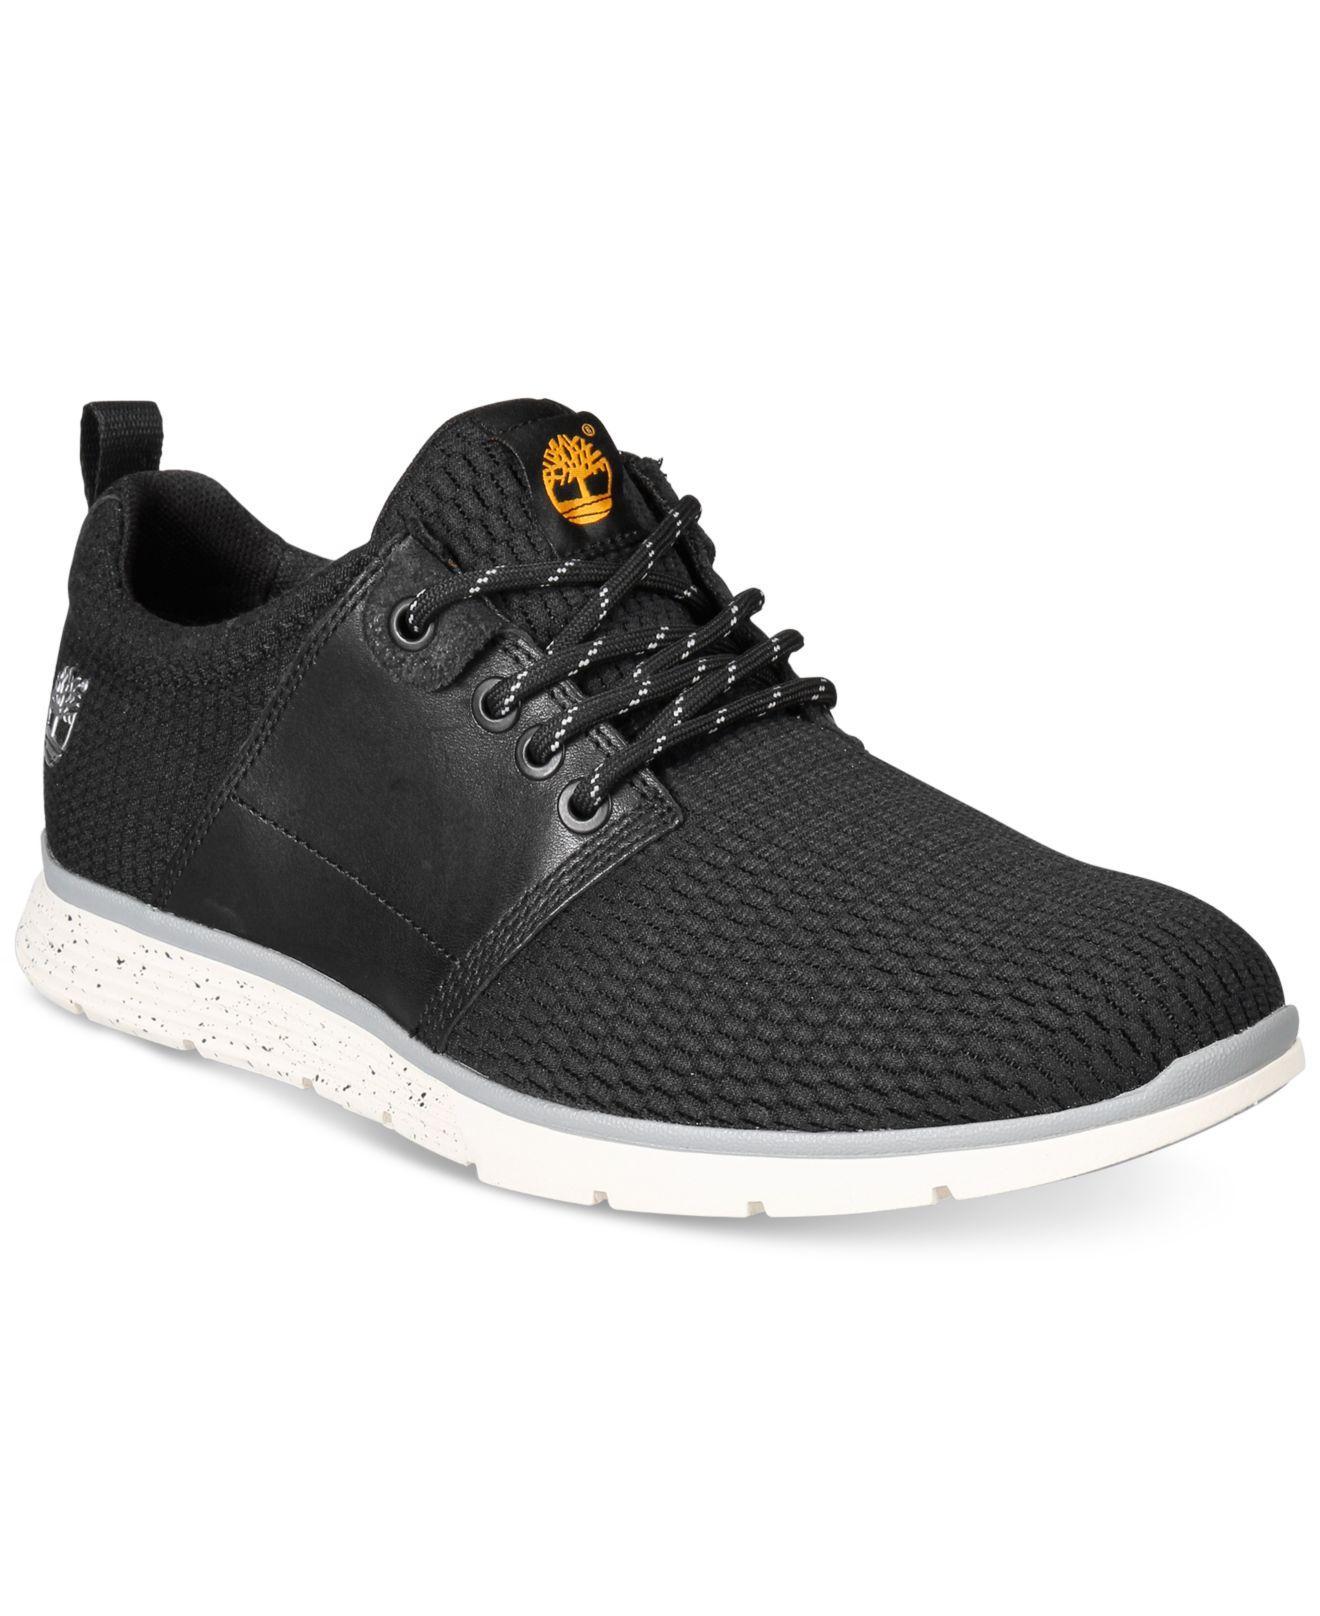 Www Macys Com Mens Shoes